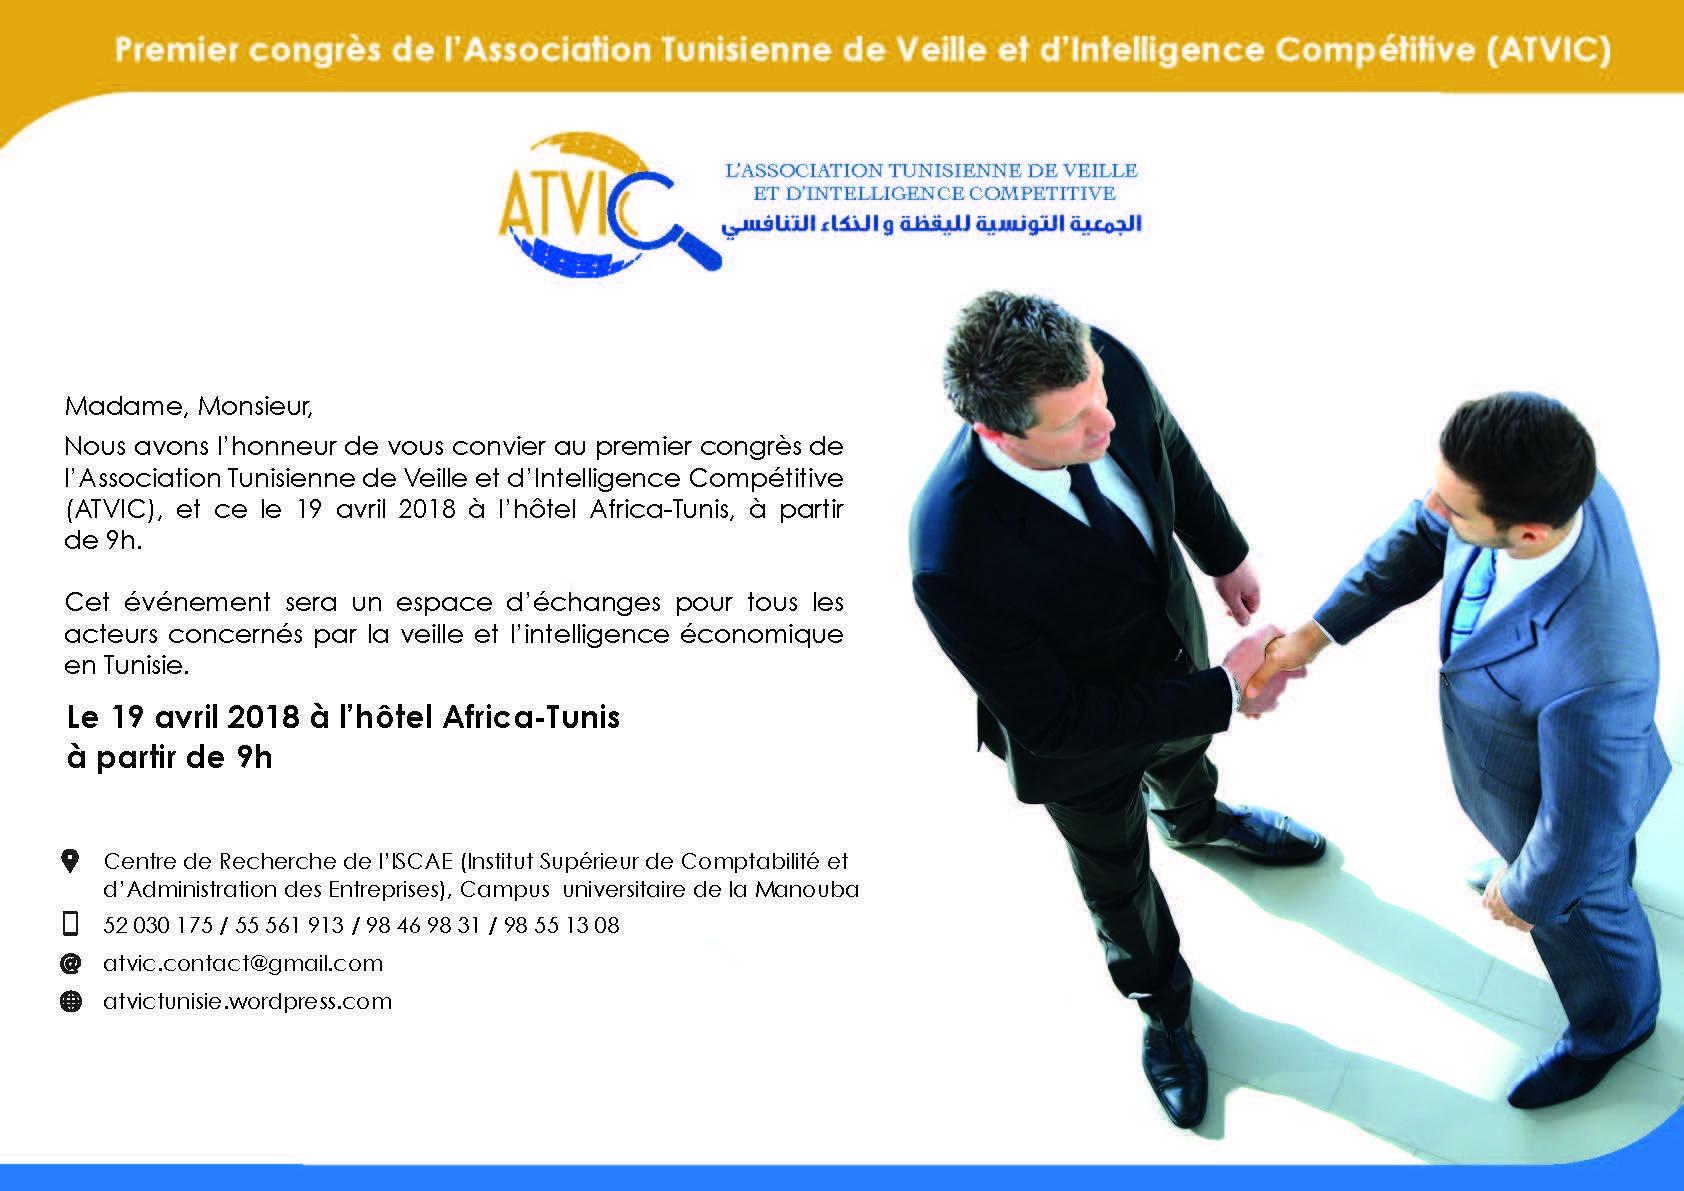 Congrès de l'Association Tunisienne de Veille et d'Intelligence Compétitive ATVIC